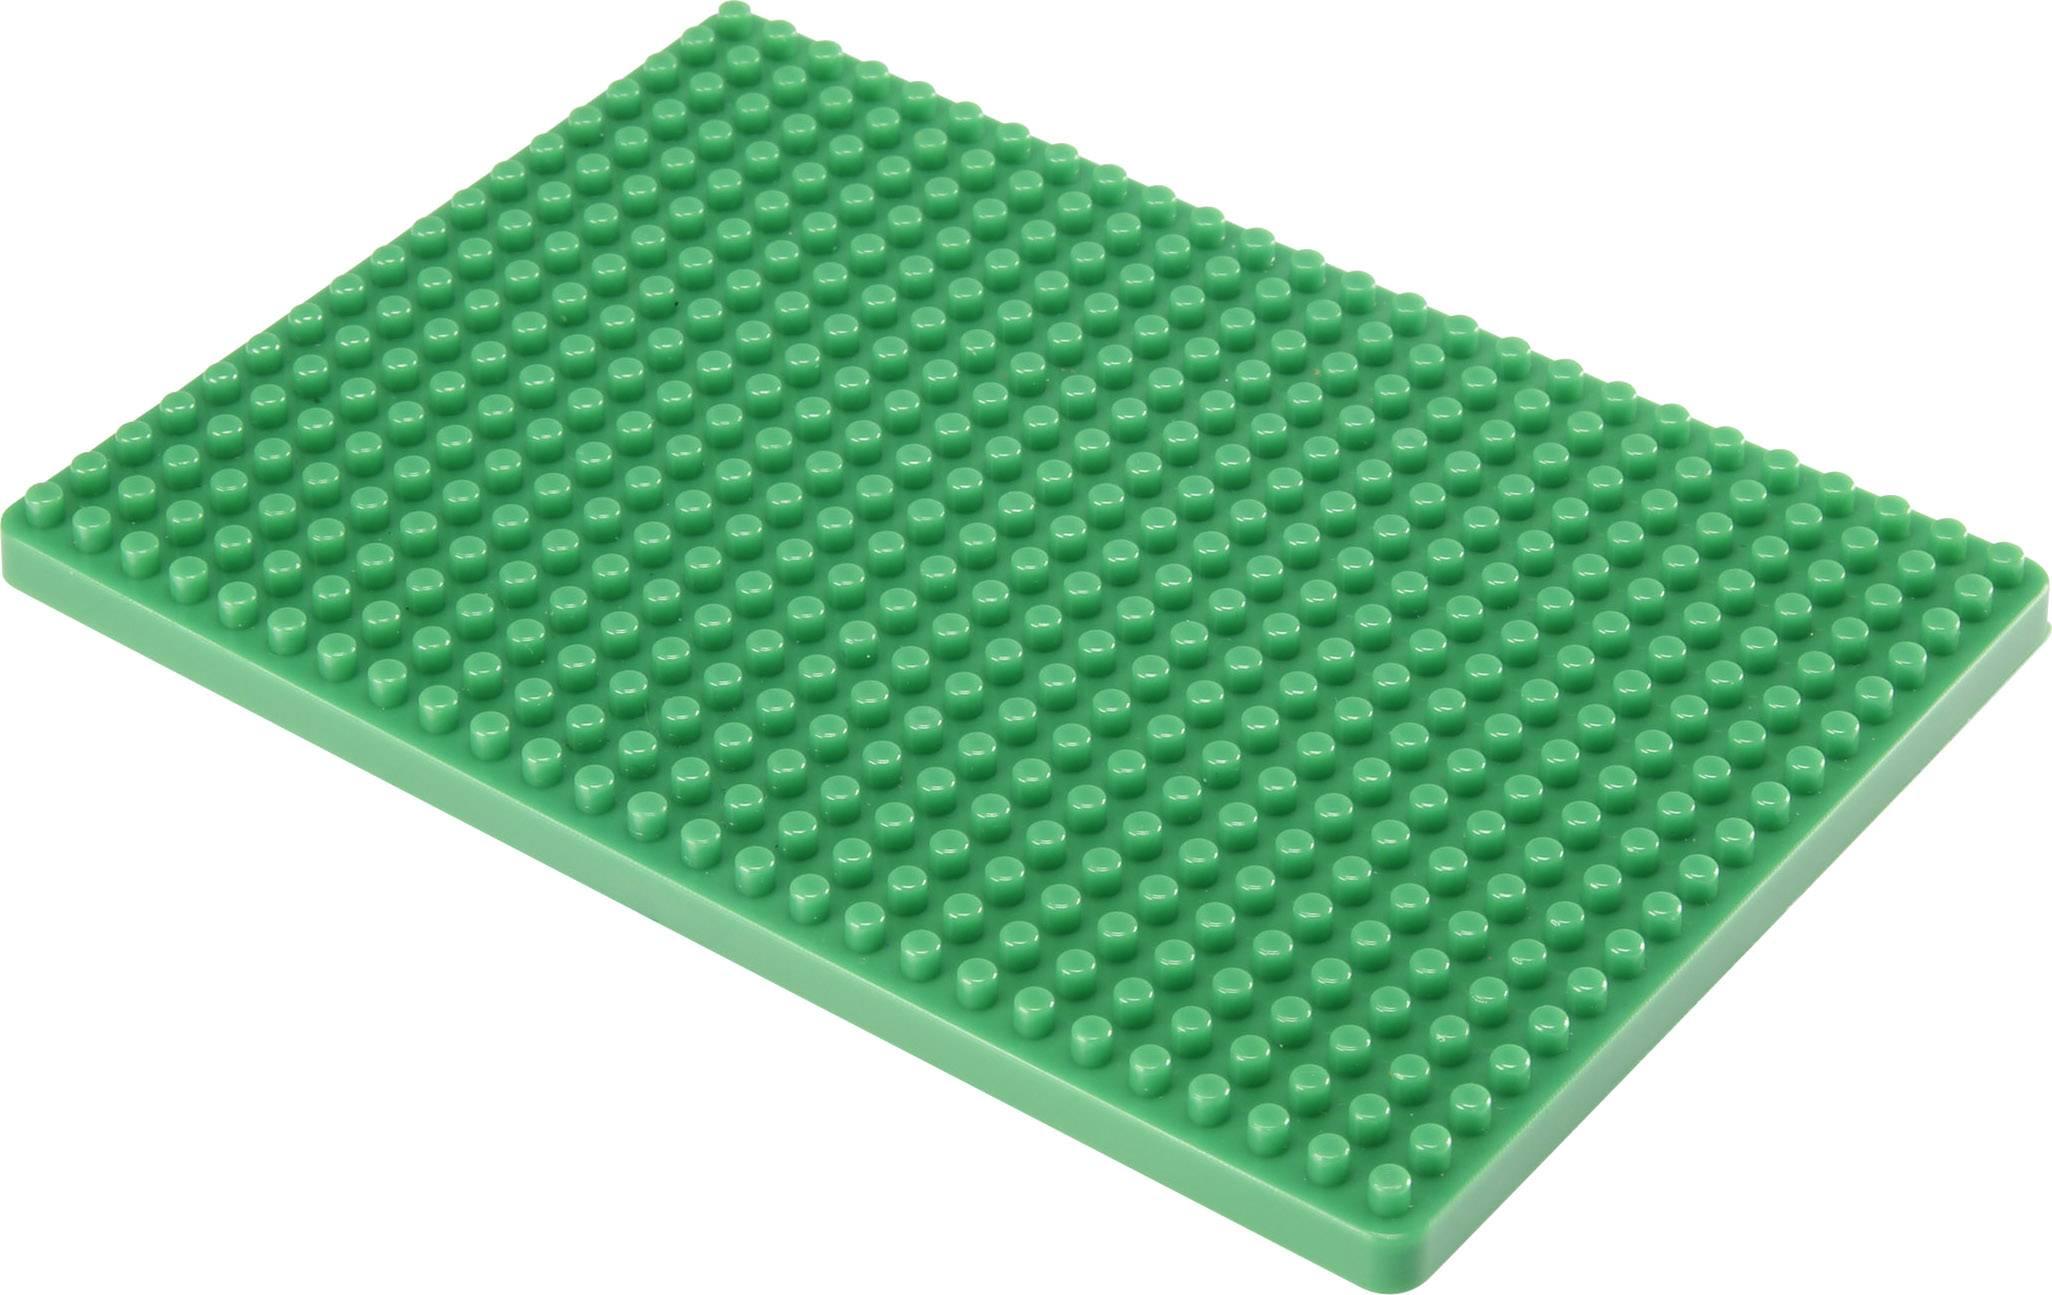 Montážní deska pro nepájivé kontaktní pole Conrad Components zelená, Počet pólů 468, (d x š) 132 mm x 92 mm, 1 ks